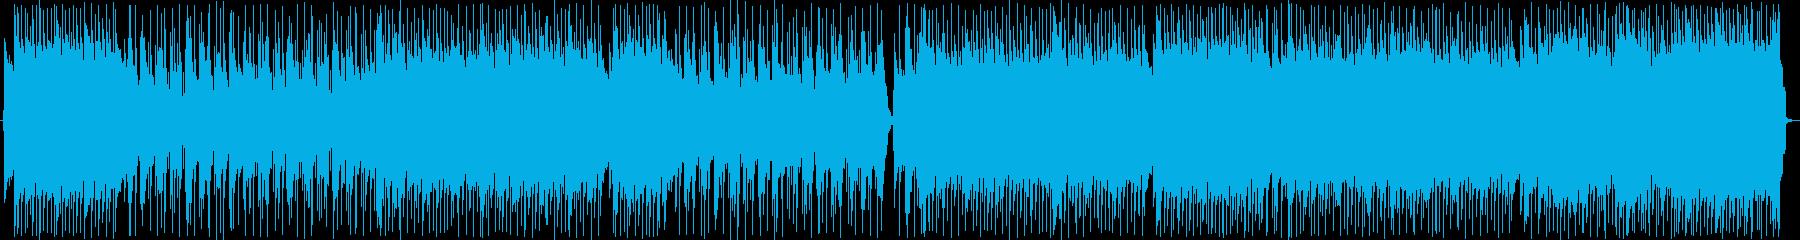 積極的。ロックソングと息を切らしま...の再生済みの波形